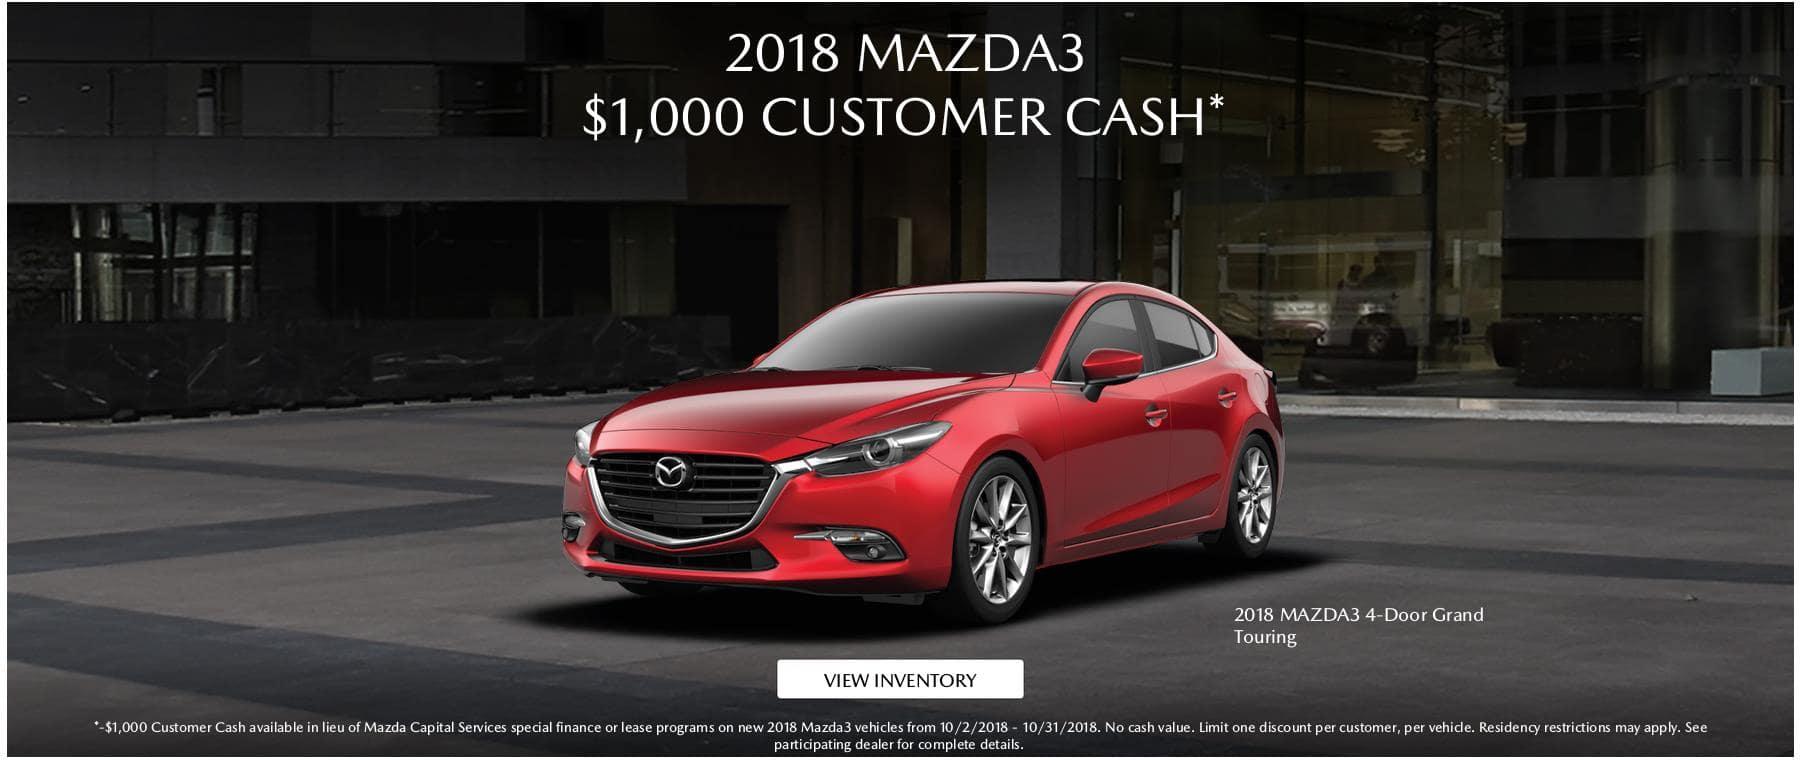 Mazda3 1000 CC